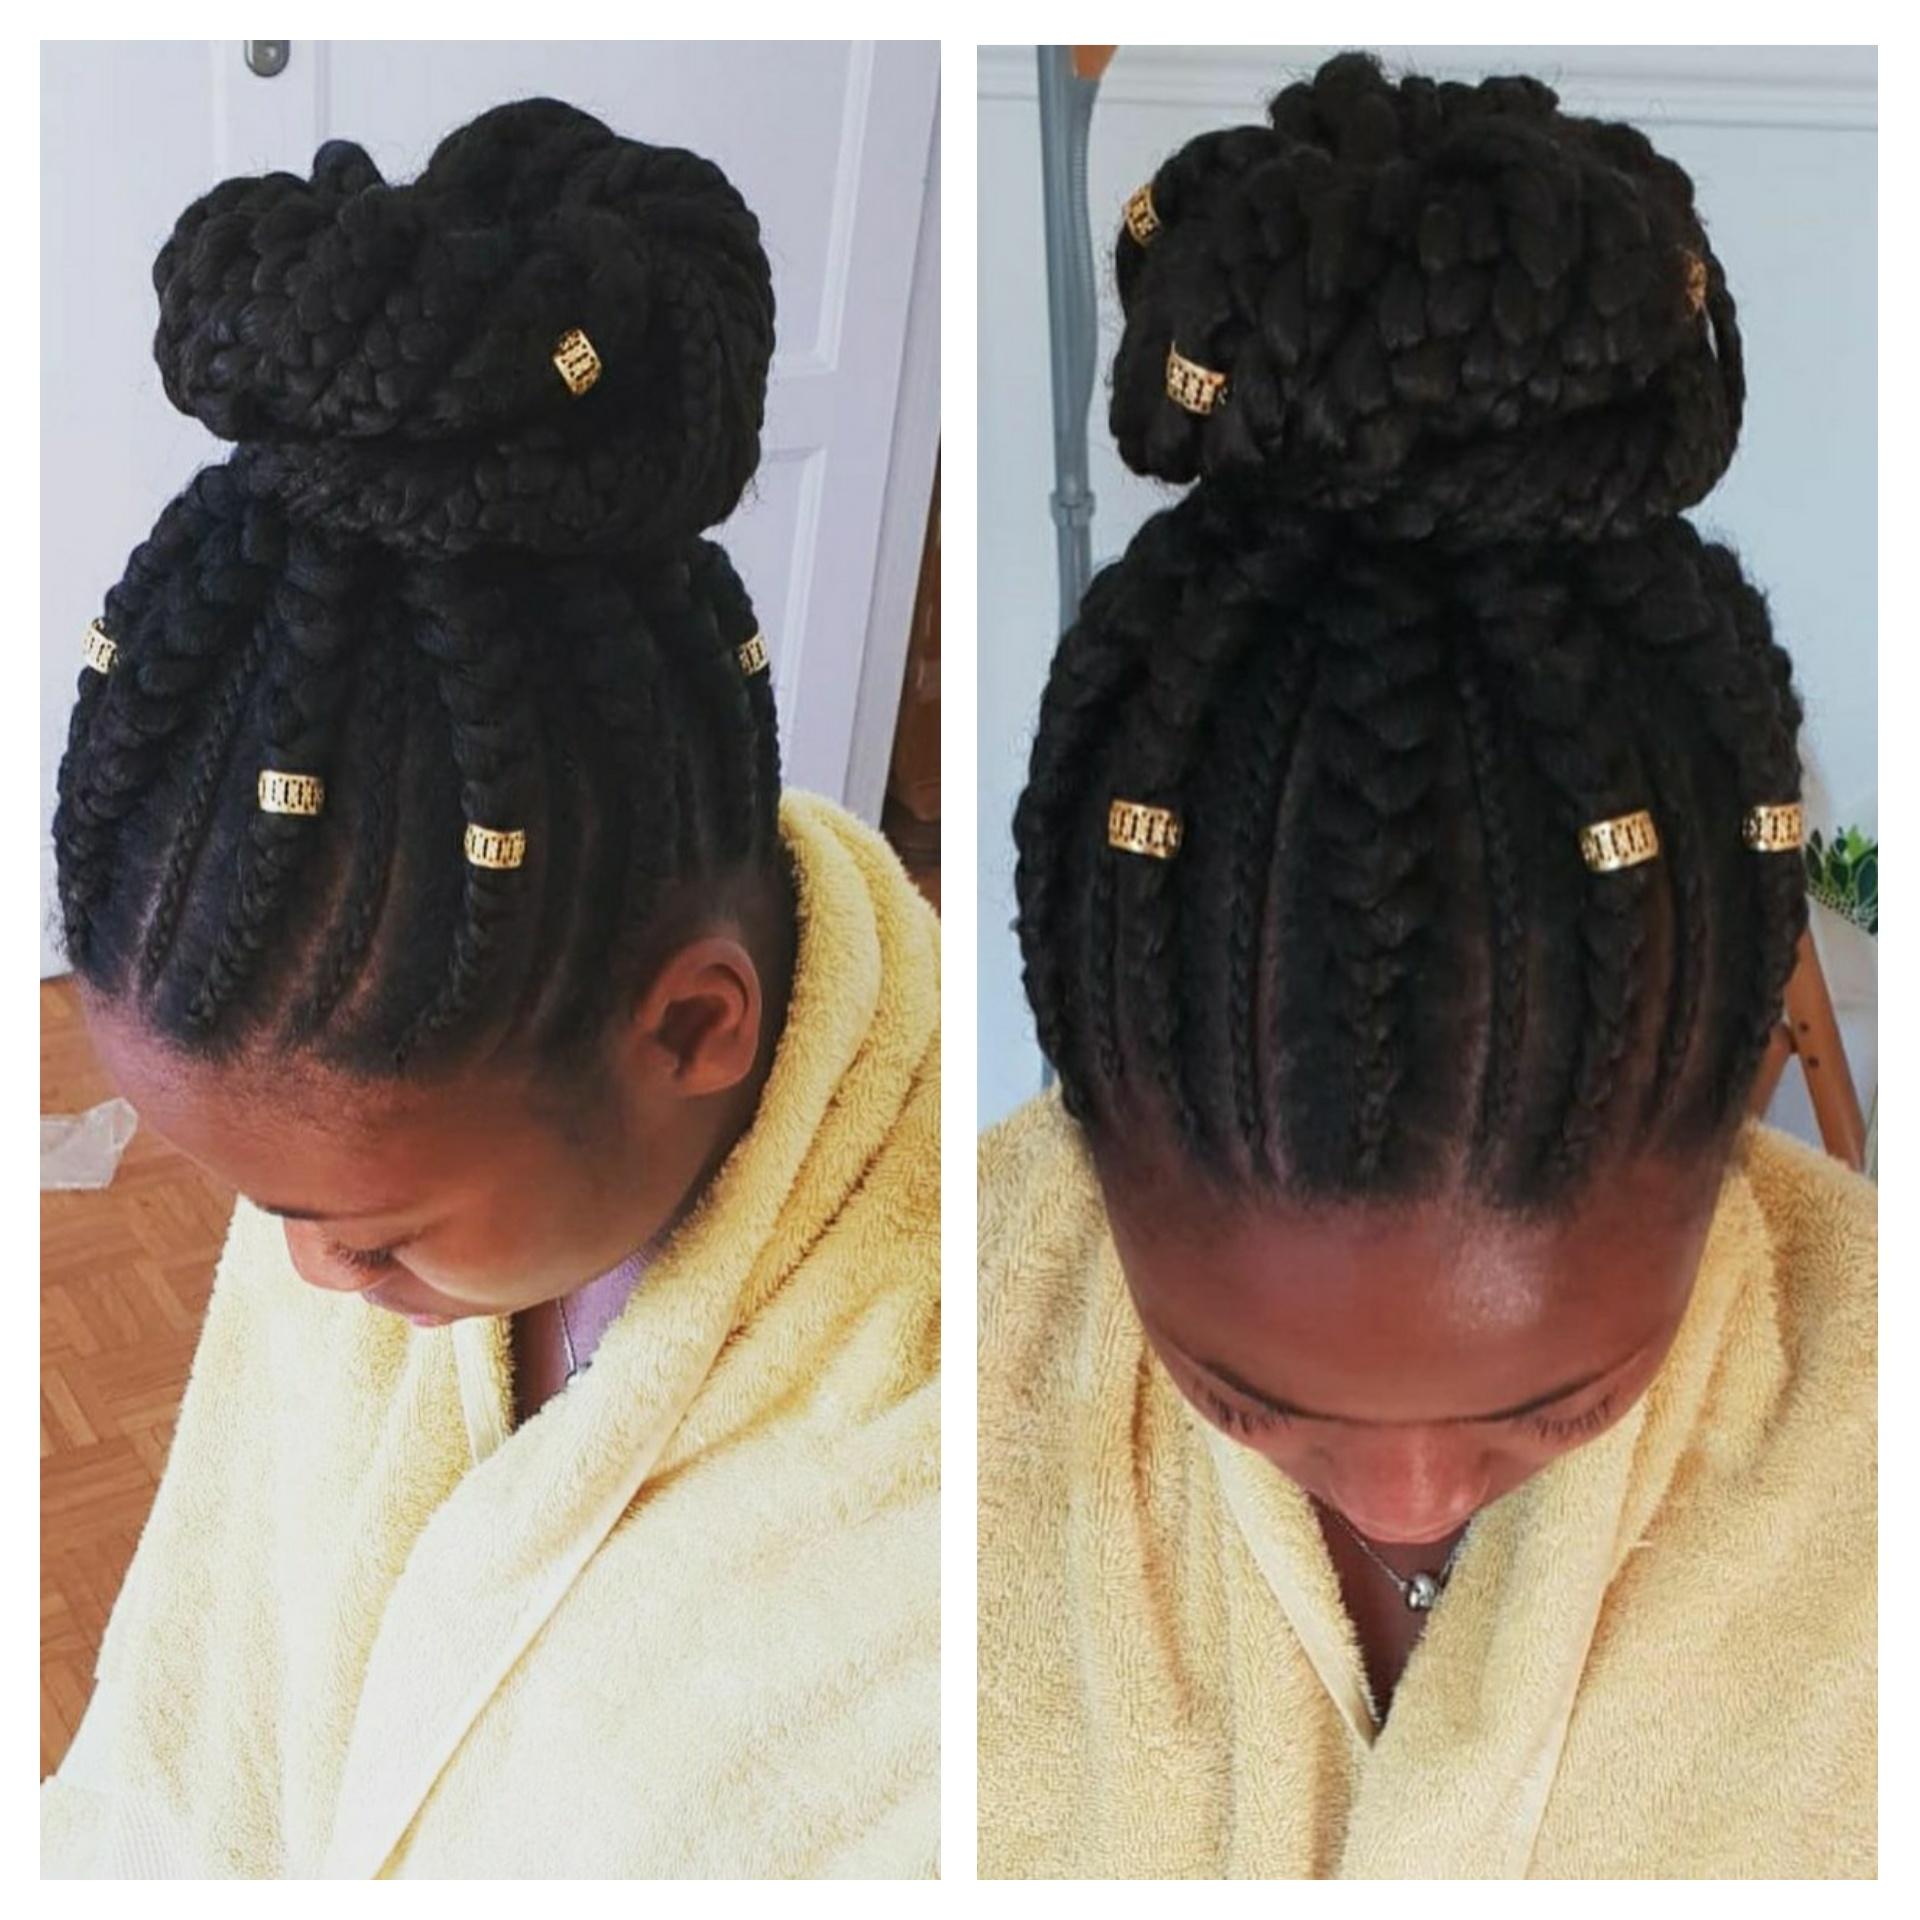 salon de coiffure afro tresse tresses box braids crochet braids vanilles tissages paris 75 77 78 91 92 93 94 95 RQKEHUPV